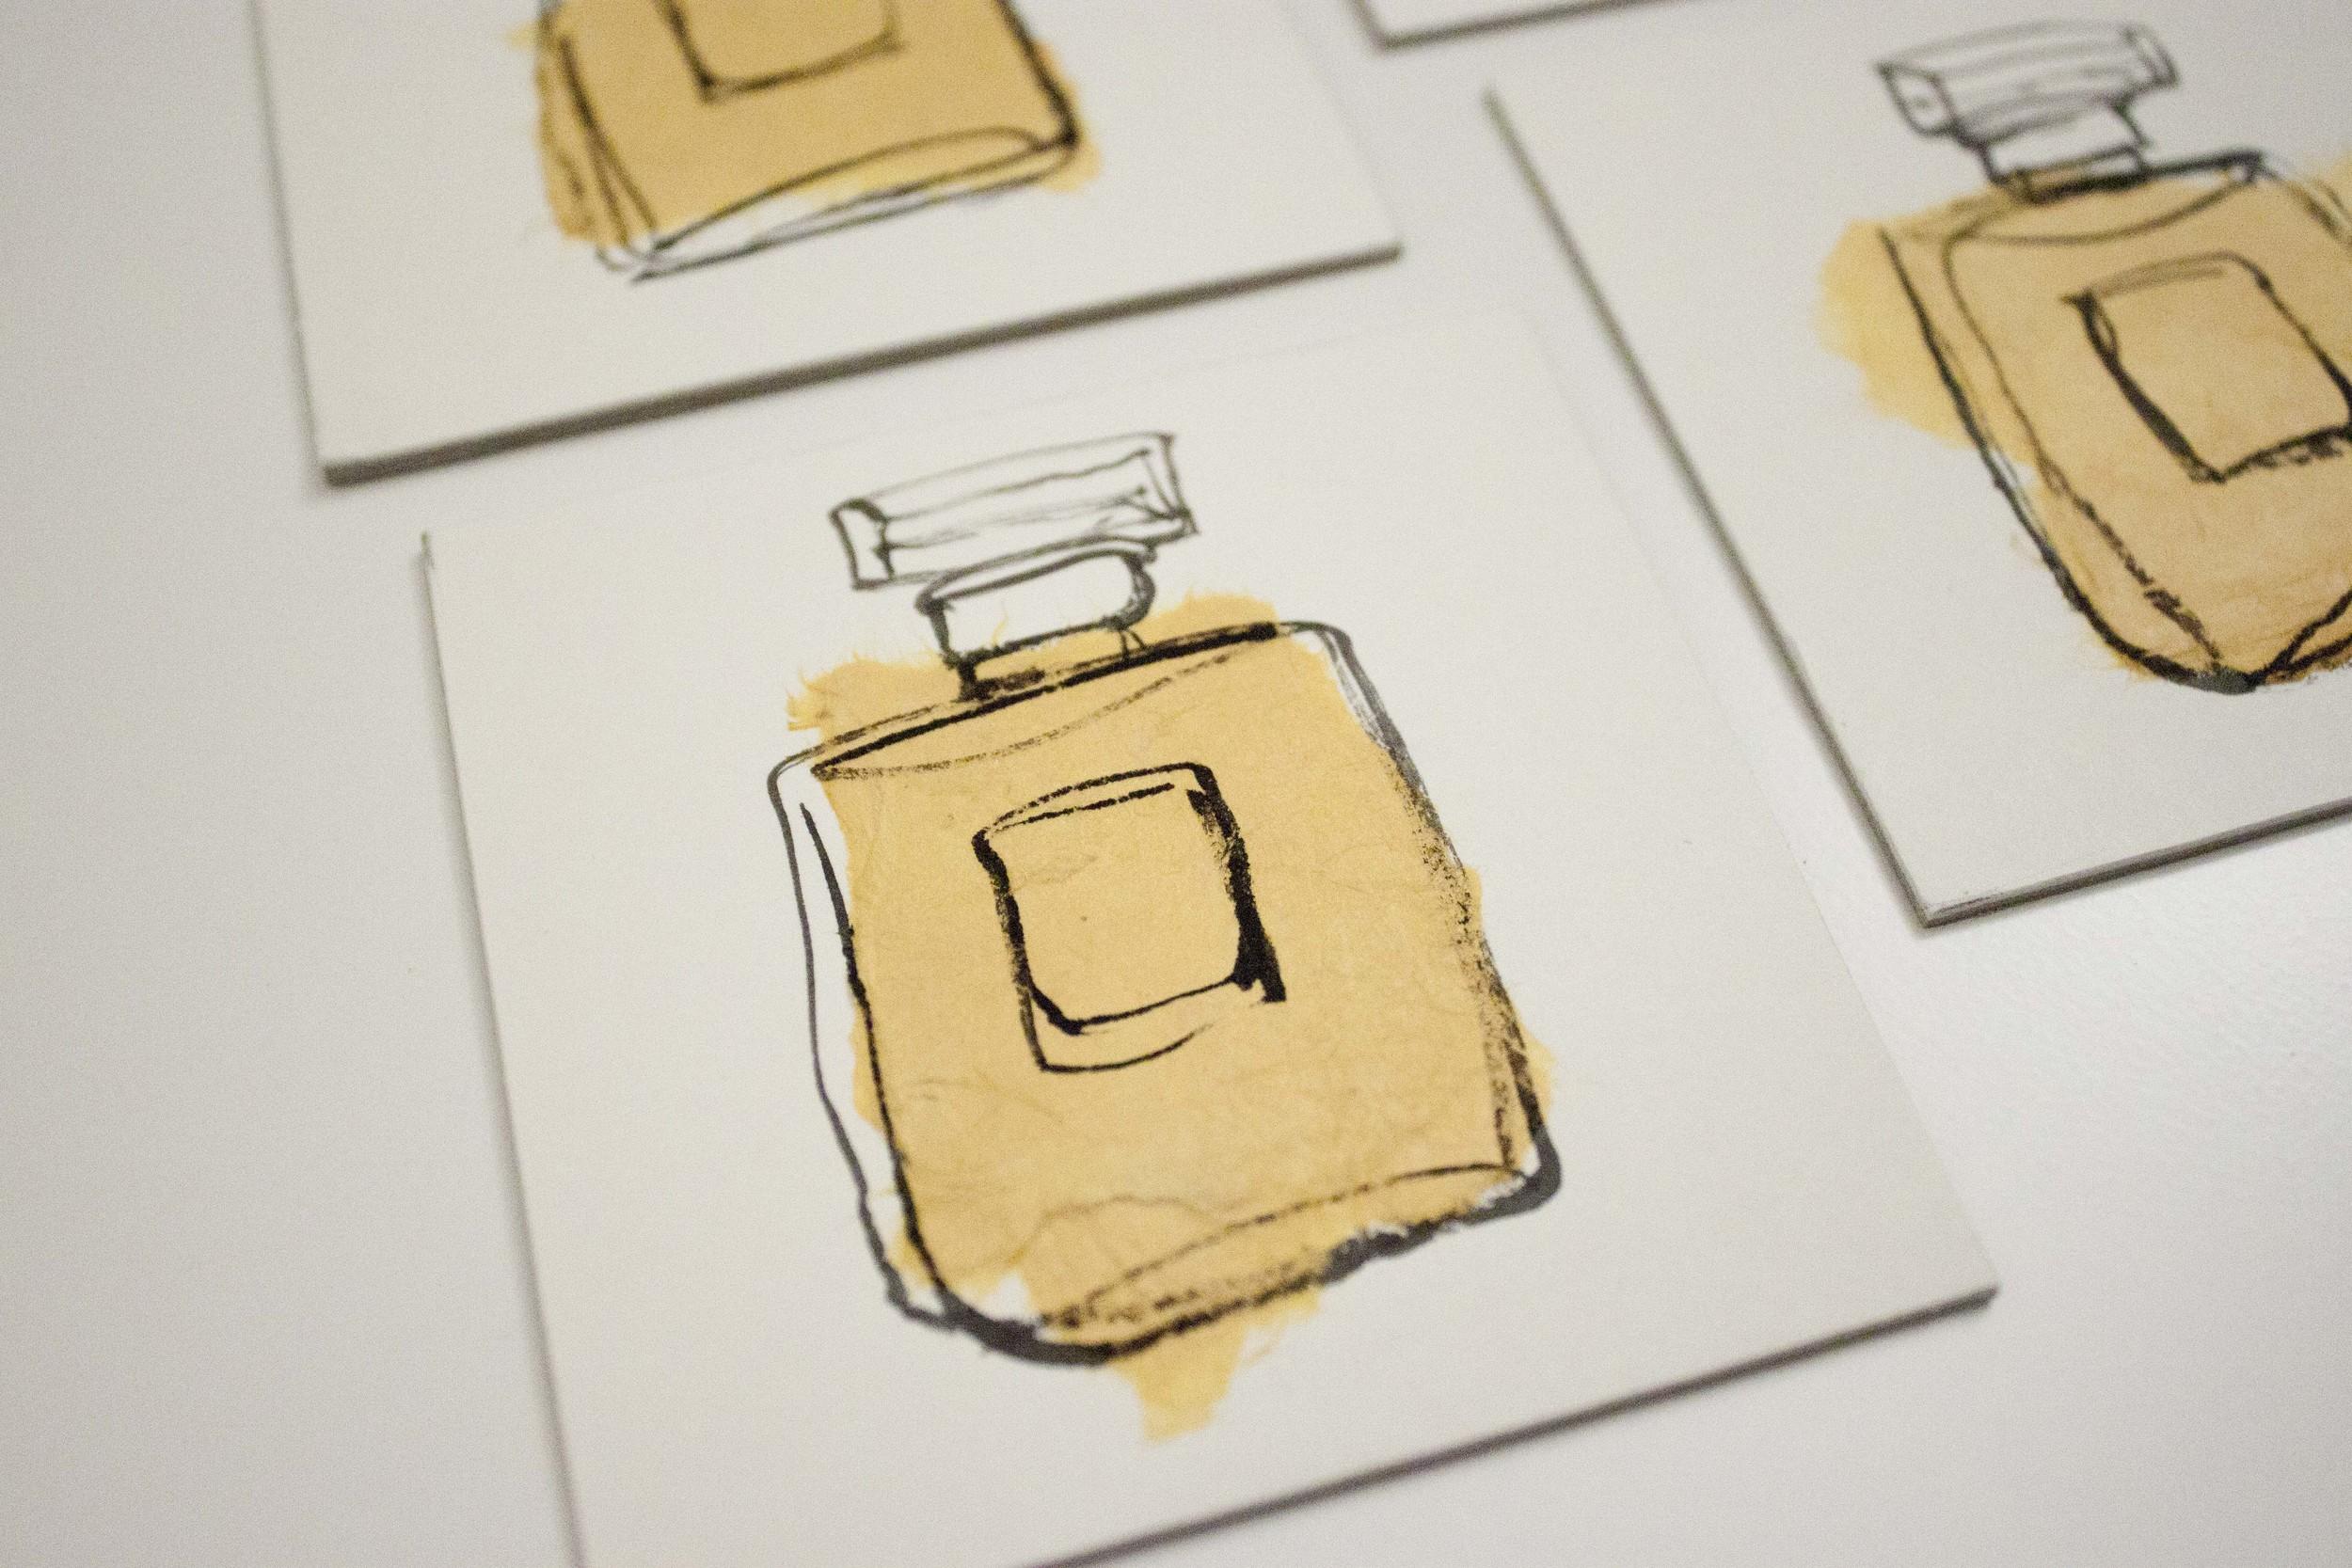 Chanel No. 5 Illustration by Victoria-Riza